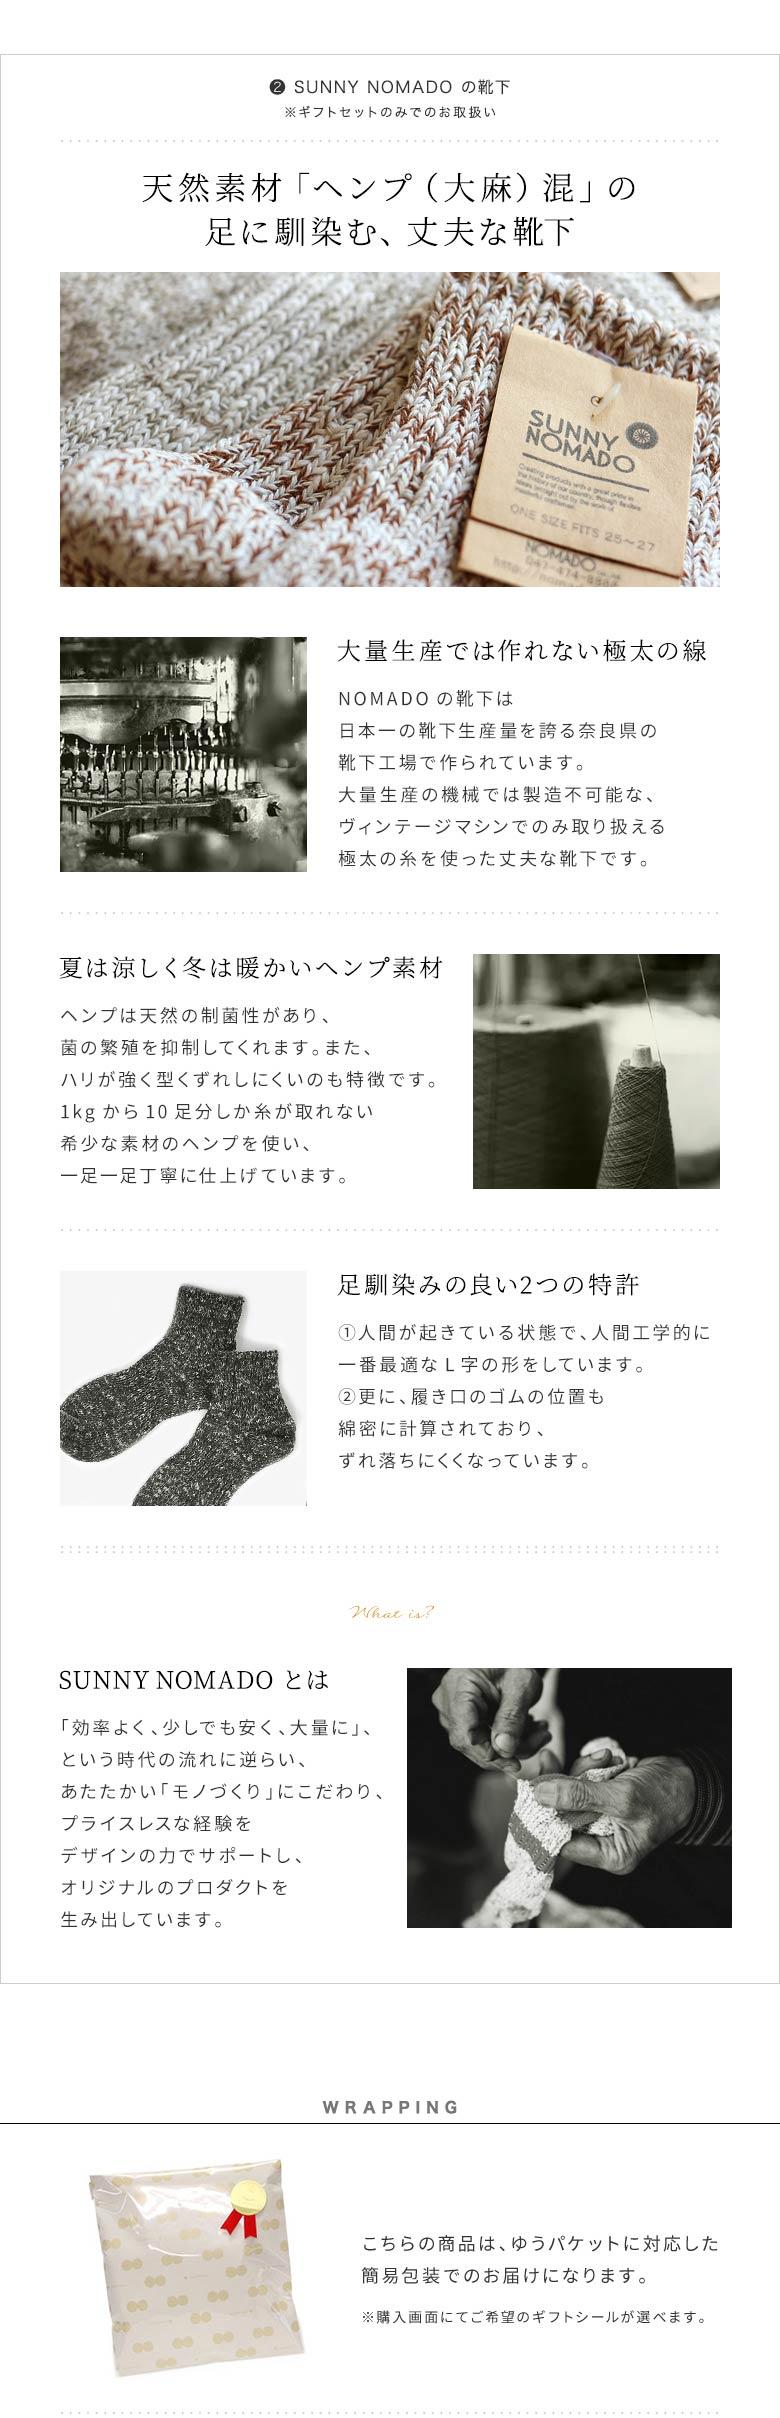 AYANOKOJI Gift set シリーズ 3.5寸がま口財布【無地】×靴下(SUNNY NOMADO) (2) SUNNY NOMADO の靴下 ※ギフトセットのみでのお取扱い 天然素材「ヘンプ(大麻)混」の足に馴染む、丈夫な靴下 大量生産では作れない極太の線 NOMADOの靴下は日本一の靴下生産量を誇る奈良県の靴下工場で作られています。大量生産の機械では製造不可能な、ヴィンテージマシンでのみ取り扱える極太の糸を使った丈夫な靴下です。 夏は涼しく冬は暖かいヘンプ素材 ヘンプは天然の制菌性があり、菌の繁殖を抑制してくれます。また、ハリが強く型くずれしにくいのも特徴です。1kgから10足分しか糸が取れない希少な素材のヘンプを使い、一足一足丁寧に仕上げています。 足馴染みの良い2つの特許 (1)人間が起きている状態で、人間工学的に一番最適なL字の形をしています。(2)更に、履き口のゴムの位置も綿密に計算されており、ずれ落ちにくくなっています。 SUNNY NOMADO とは 「効率よく、少しでも安く、大量に」、という時代の流れに逆らい、あたたかい「モノづくり」にこだわり、プライスレスな経験をデザインの力でサポートし、オリジナルのプロダクトを生み出しています。 WRAPPING こちらの商品は、ゆうパケットに対応した簡易包装でのお届けになります。 ※購入画面にてご希望のギフトシールが選べます。